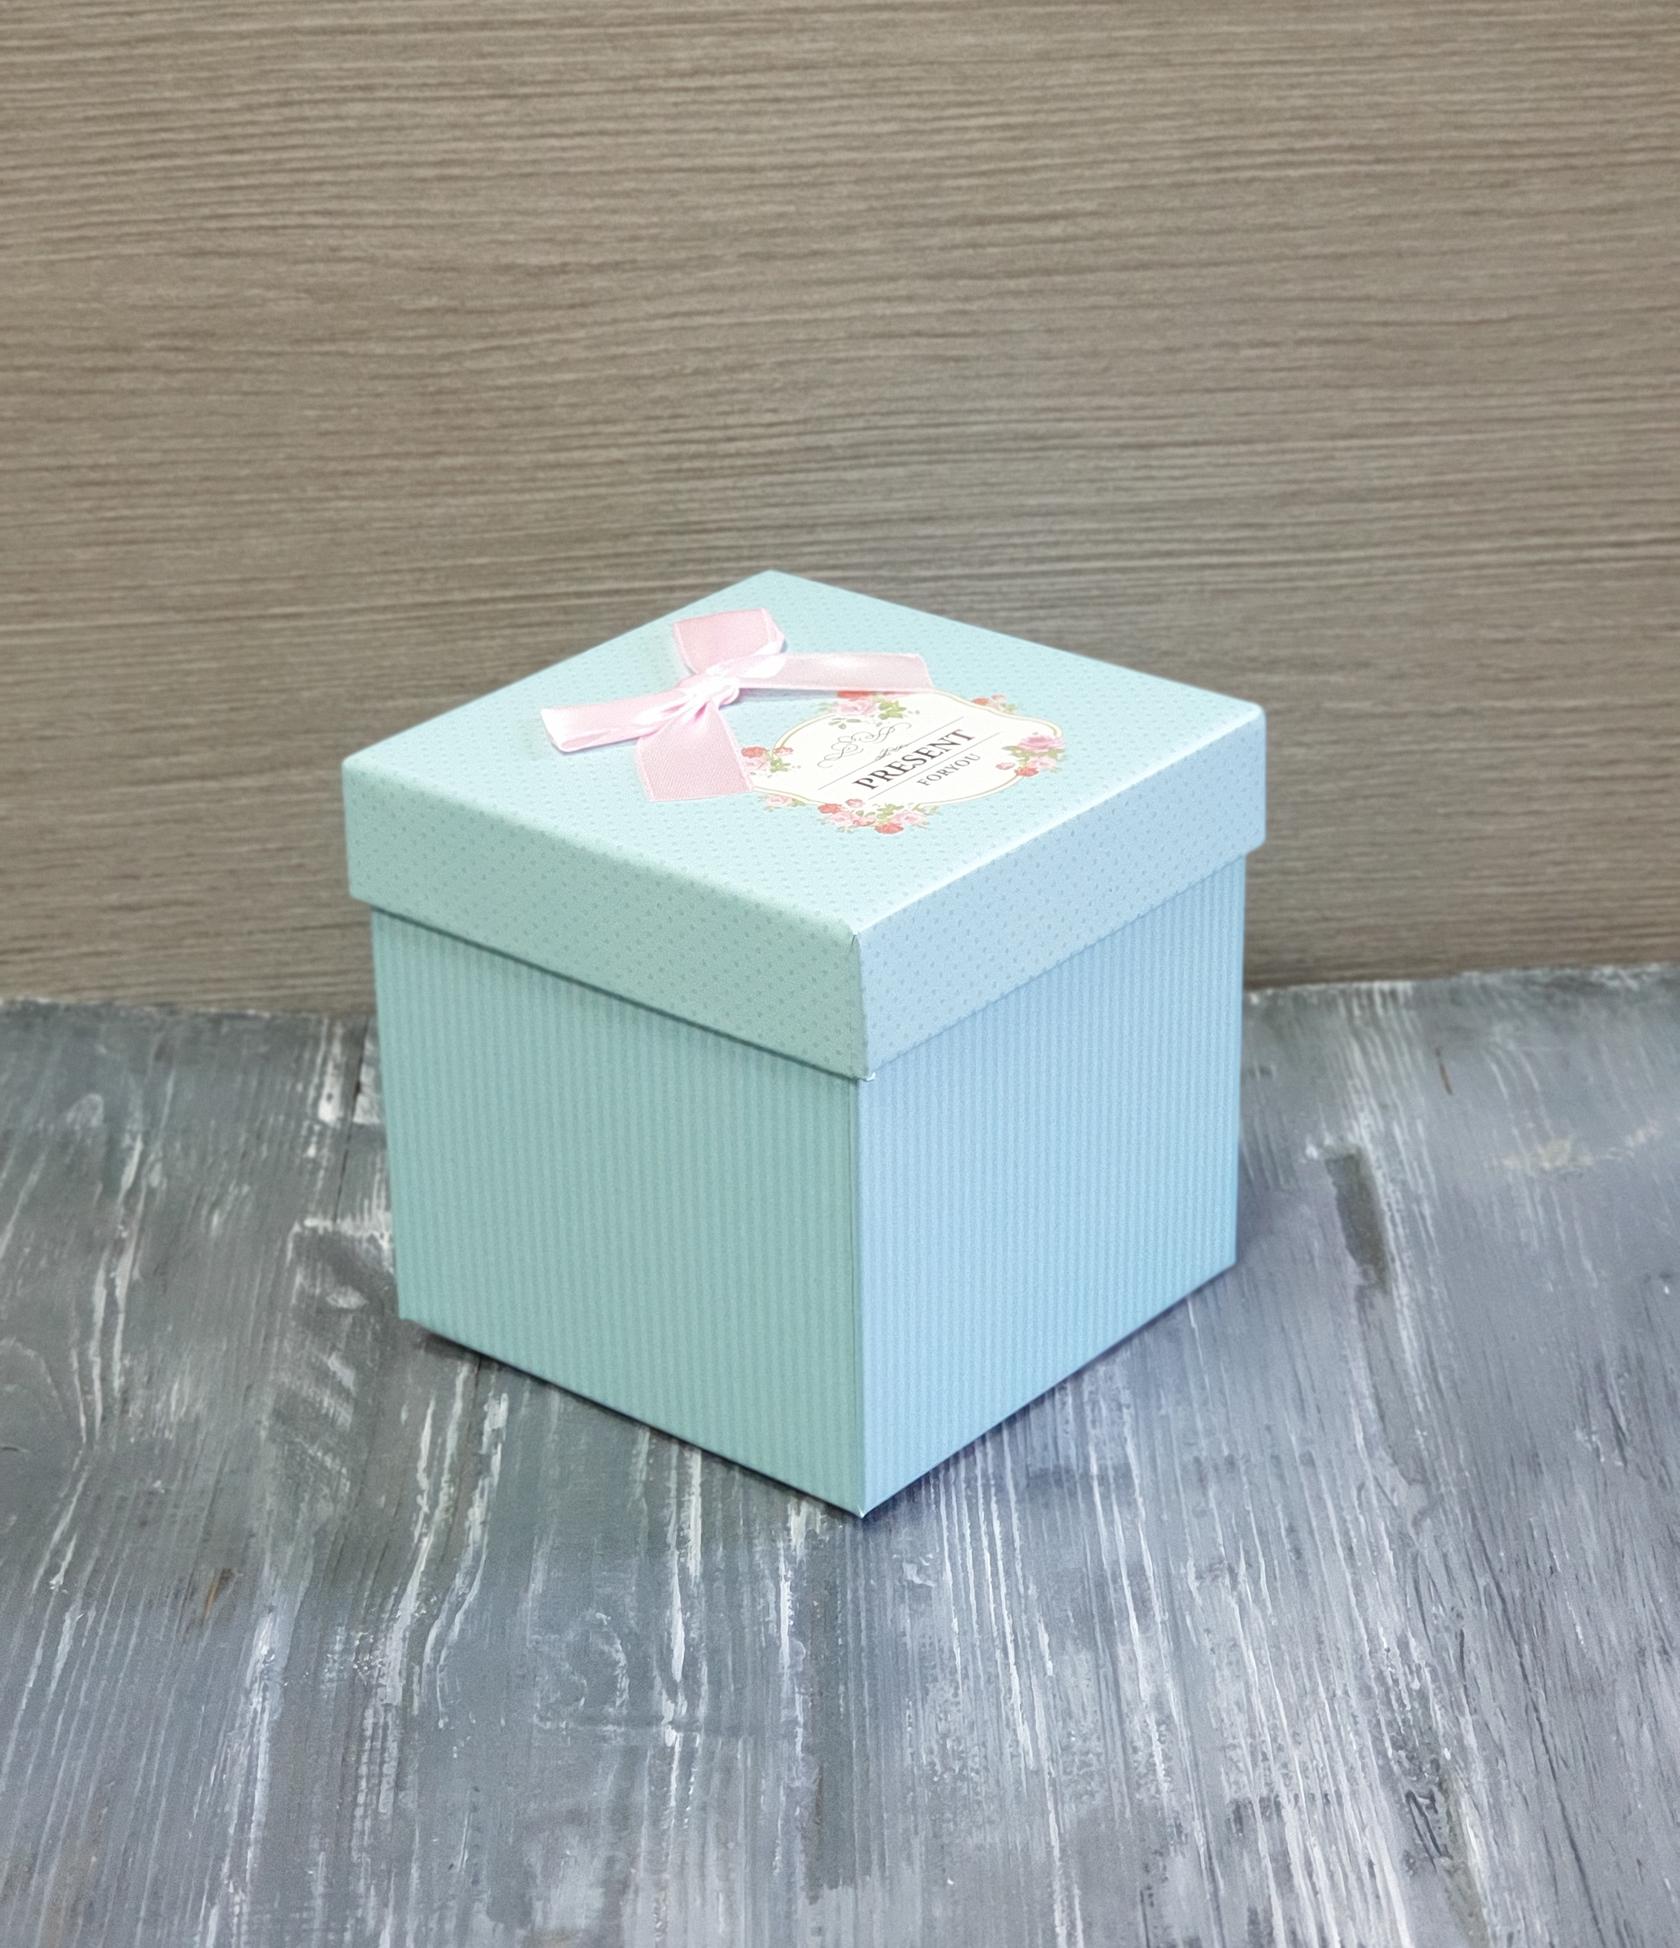 картинка Коробочка для кубика 10 см с крышкой